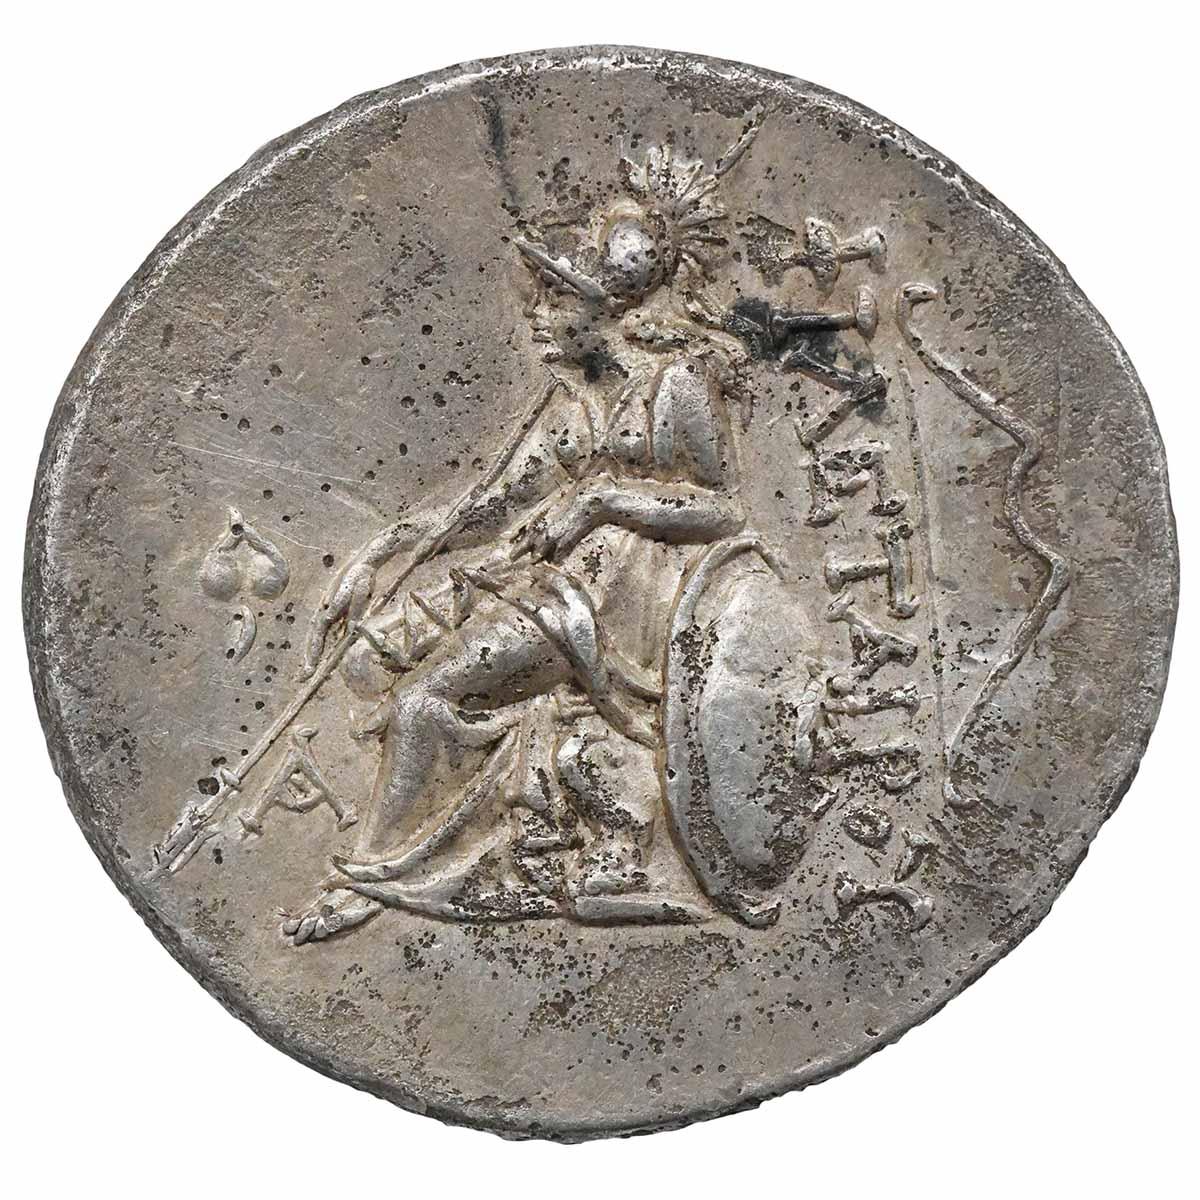 Moneta greca in argento Attalo re di Pergamo con Atena